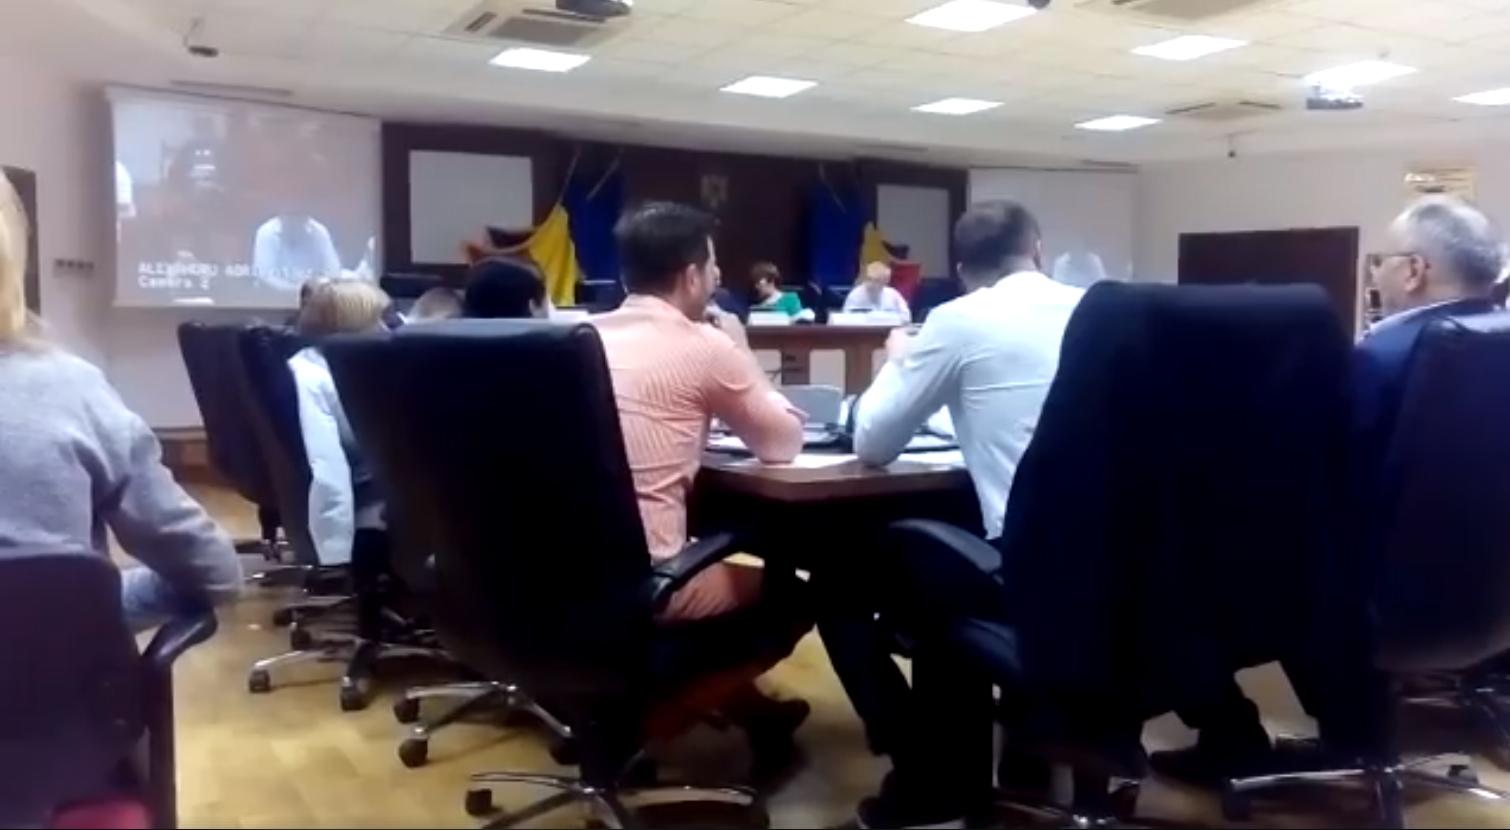 Ședința Consiliului Local Sector 2. Viceprimar nu este nevoie să se citească proiectele, ci să fie primite